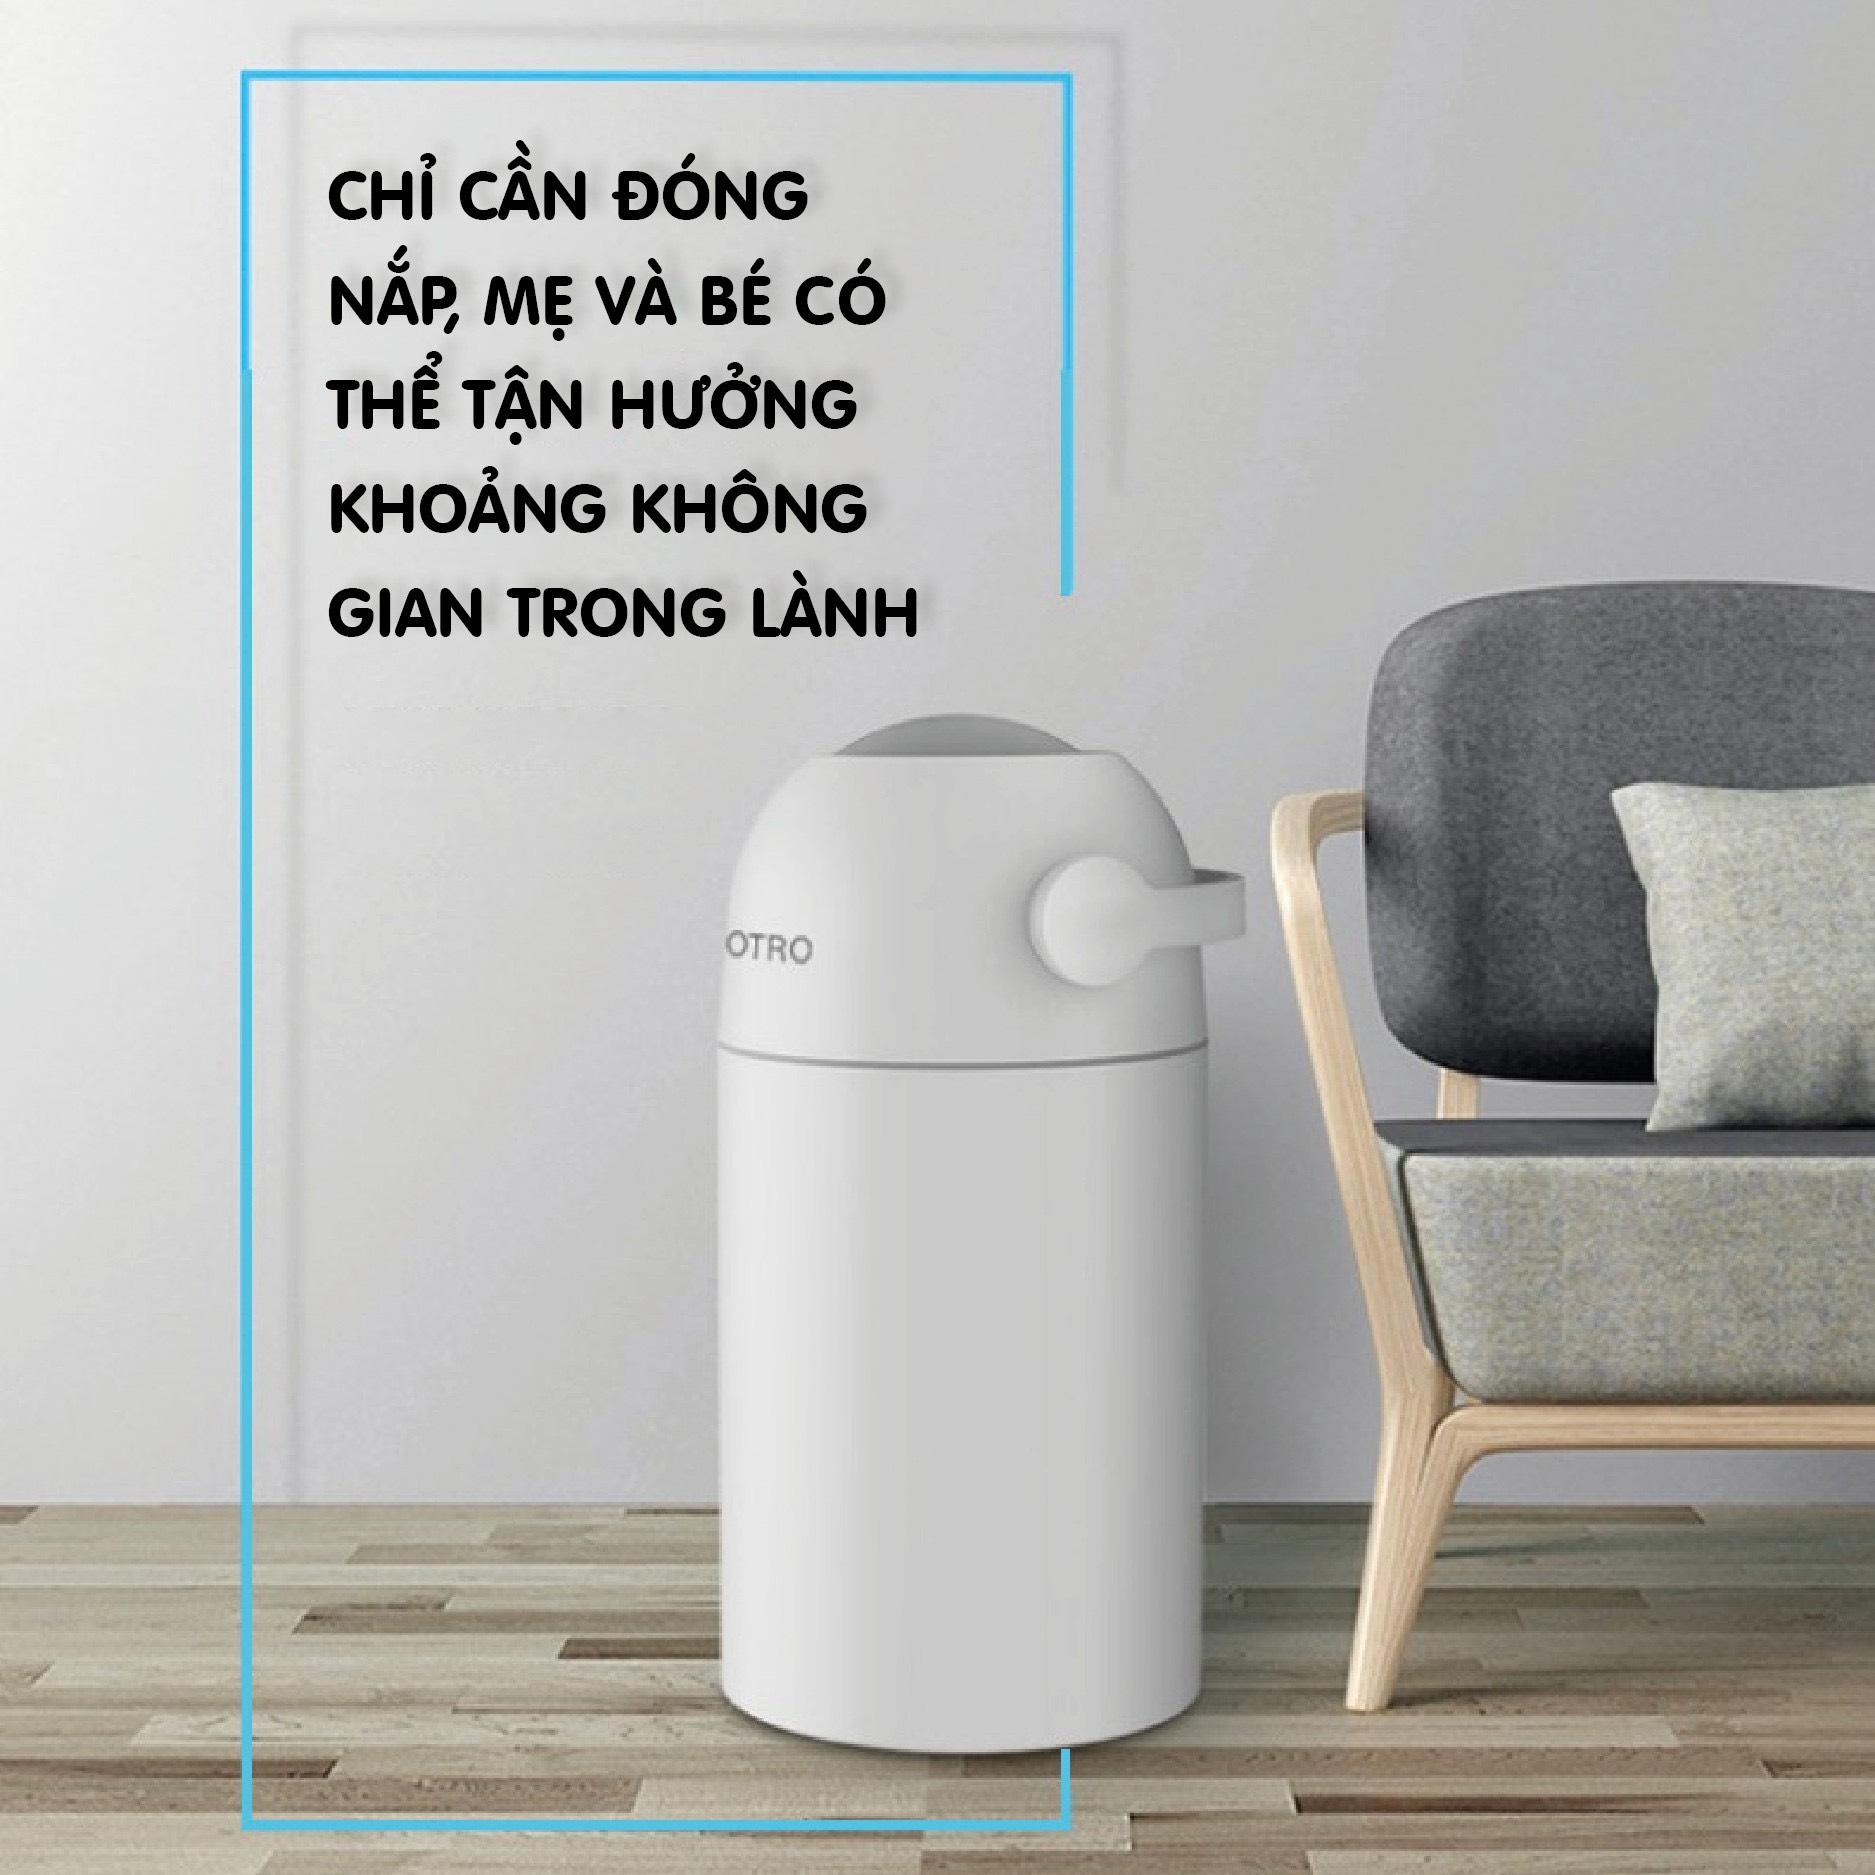 Thùng rác xử lý tã bỉm - chuyên gia xử lý rác thải tã bỉm cho mọi nhà